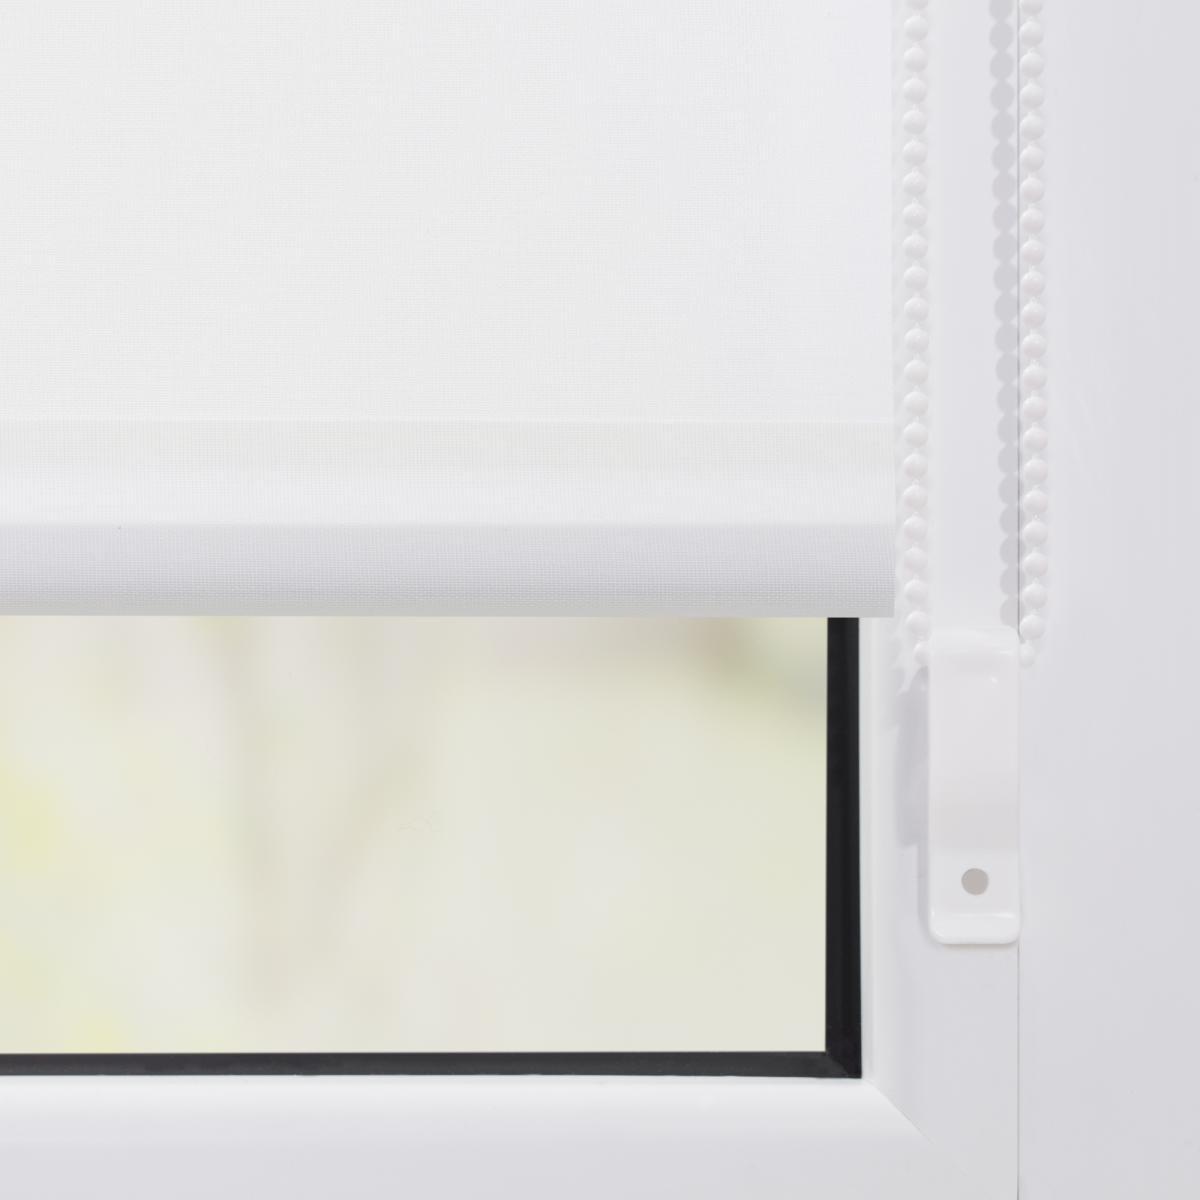 Bild 4 von Lichtblick Rollo Klemmfix, ohne Bohren, blickdicht, Rentier Weihnachten - Bunt, 100 x 150 cm (B x L)